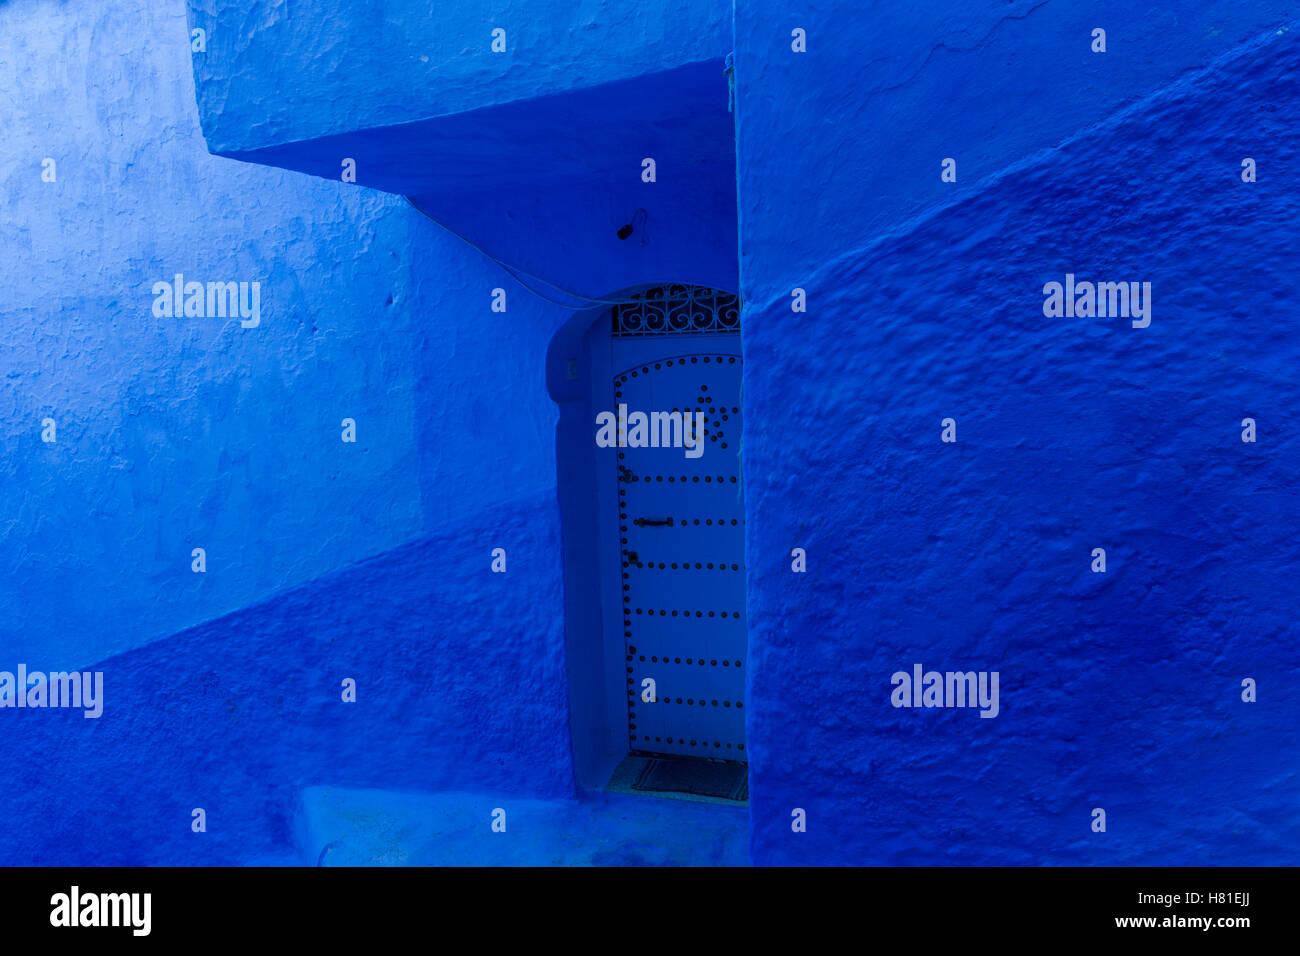 Chefchaouen, Maroc,architecture des bâtiments limewashed indigo, porte en bleu Photo Stock